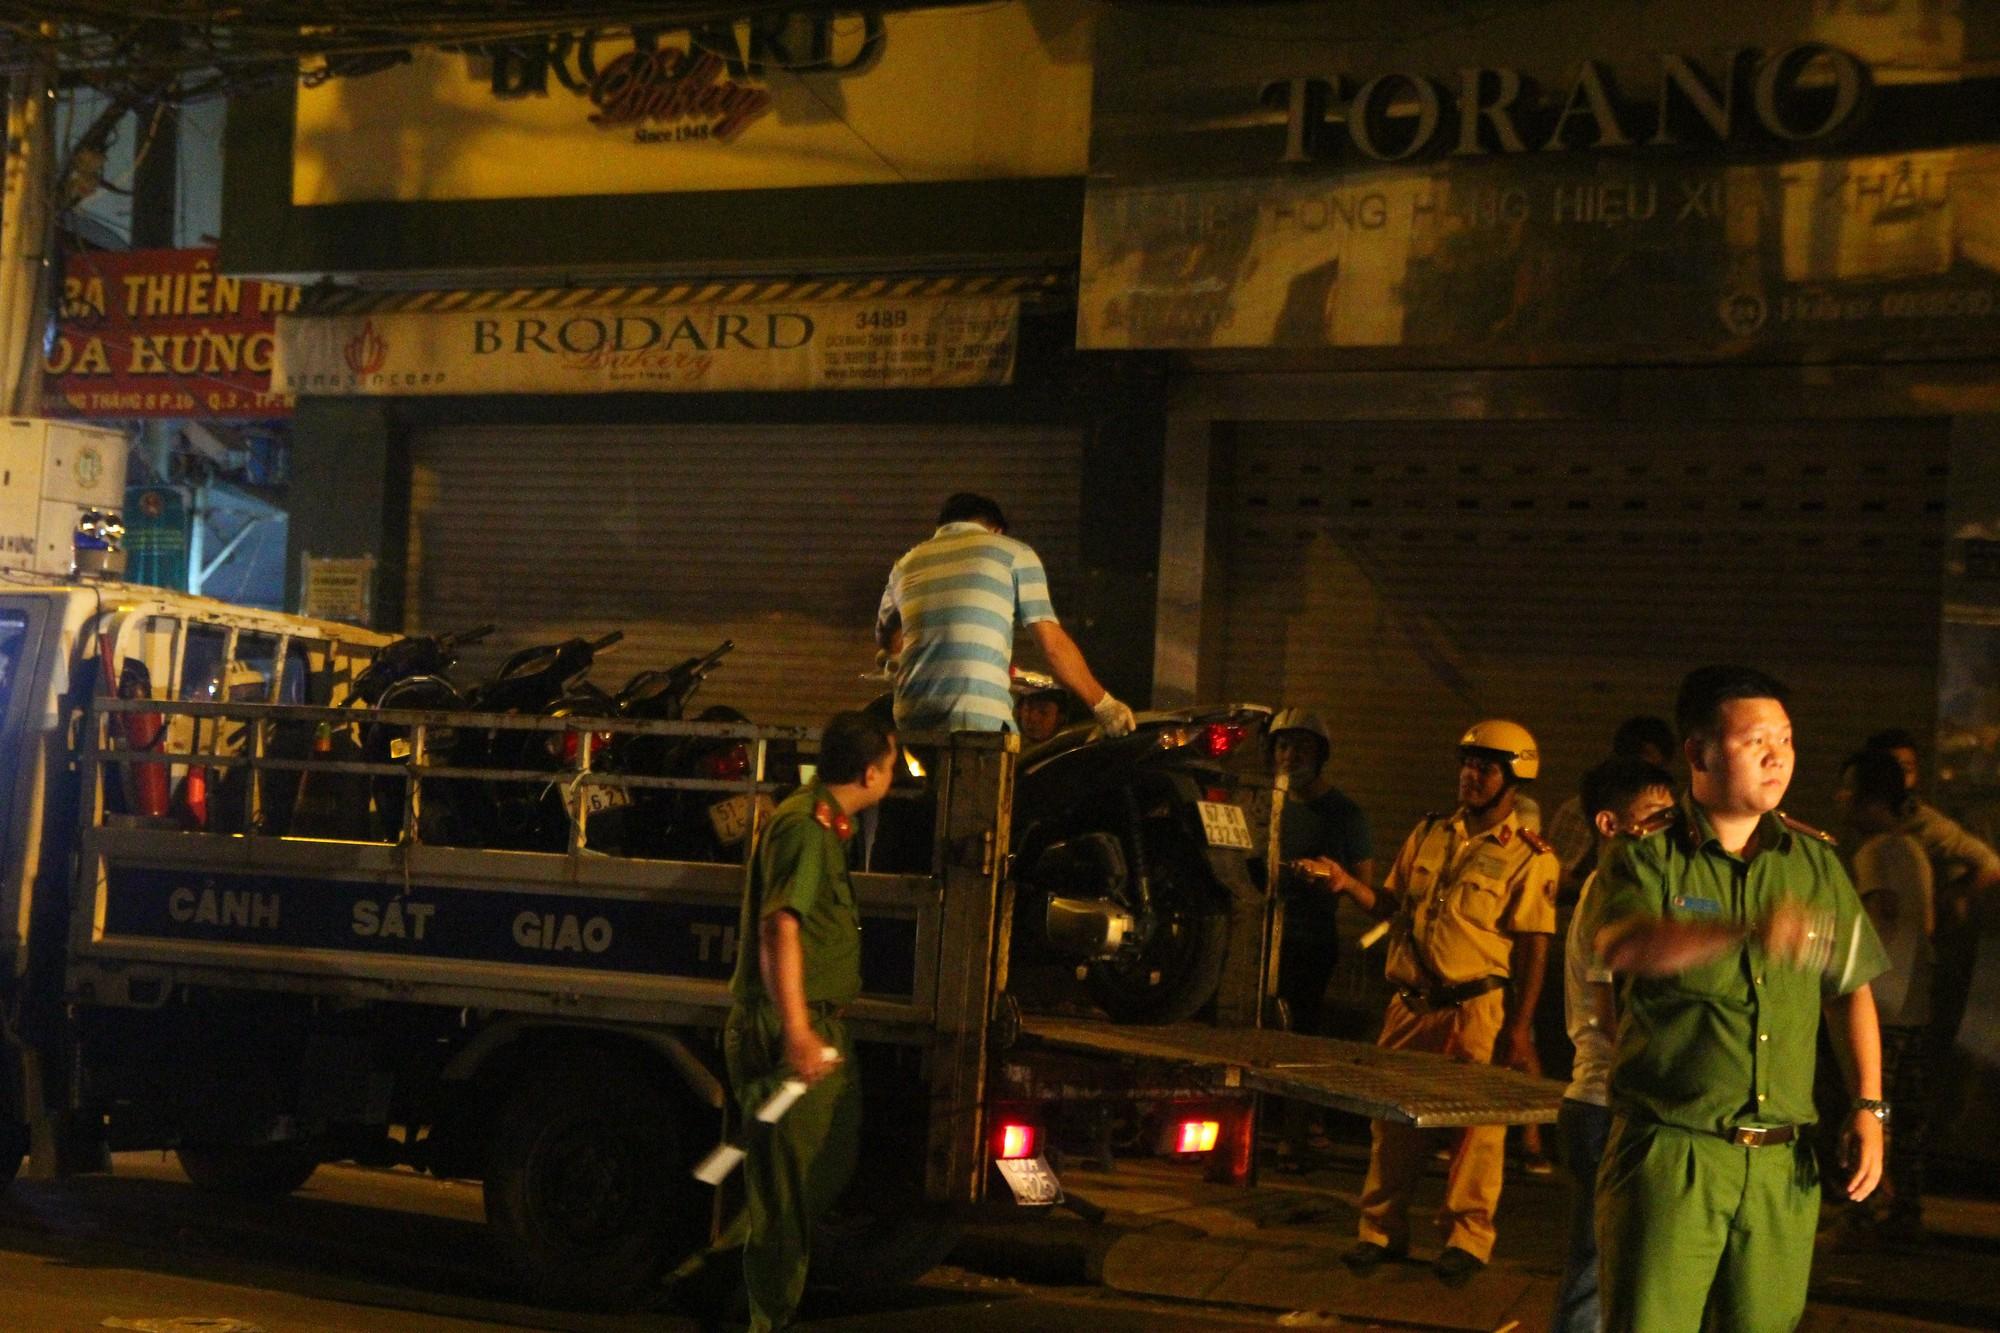 Hiện trường vụ băng trộm SH đâm chết 3 người ở Sài Gòn - Ảnh 9.